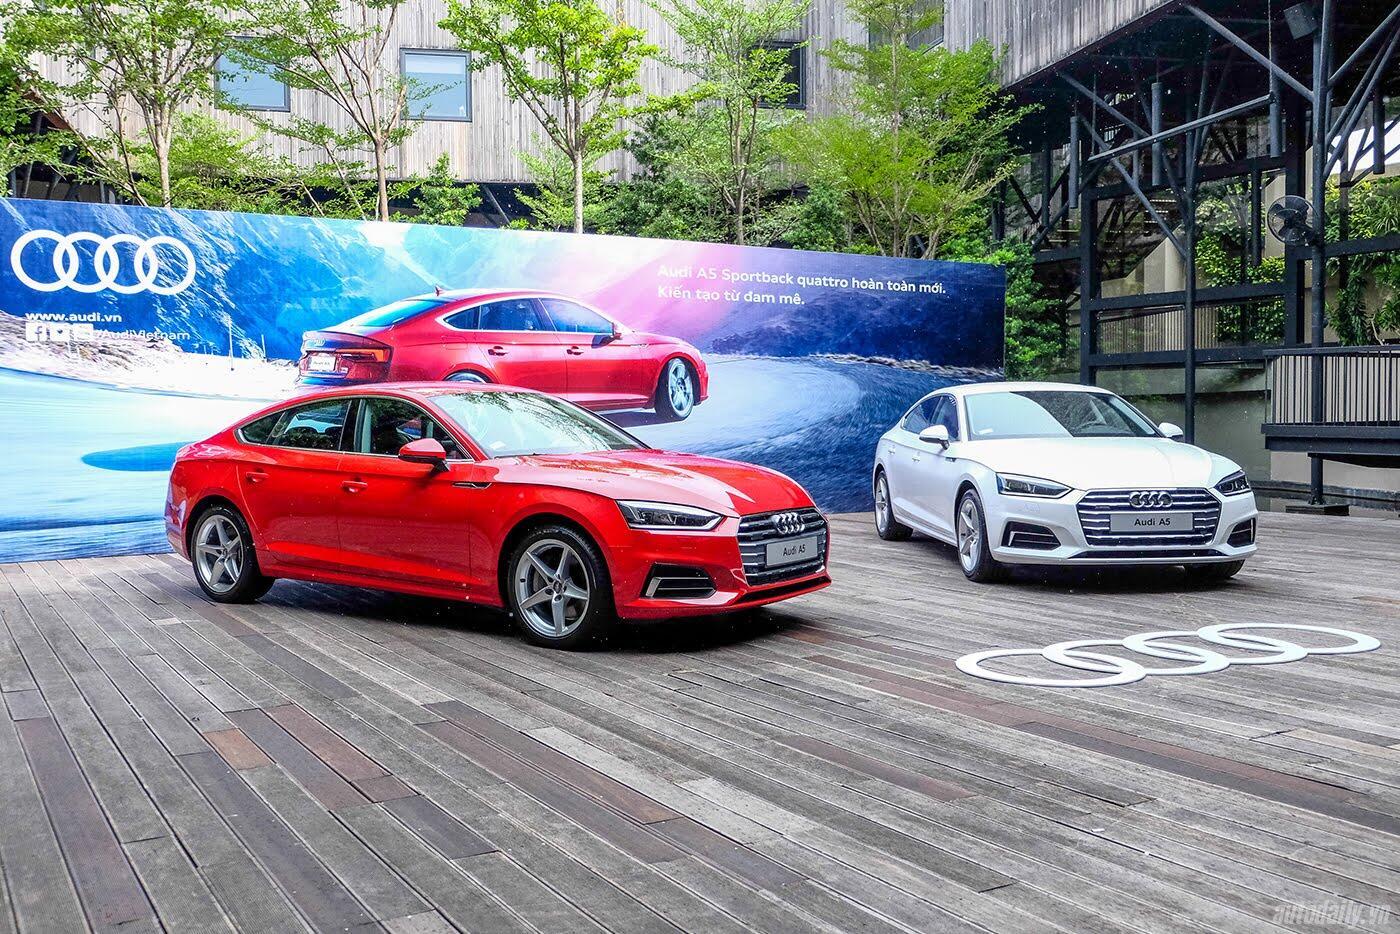 Audi A5 Sportback 2017 chính thức ra mắt tại Việt Nam - Hình 2